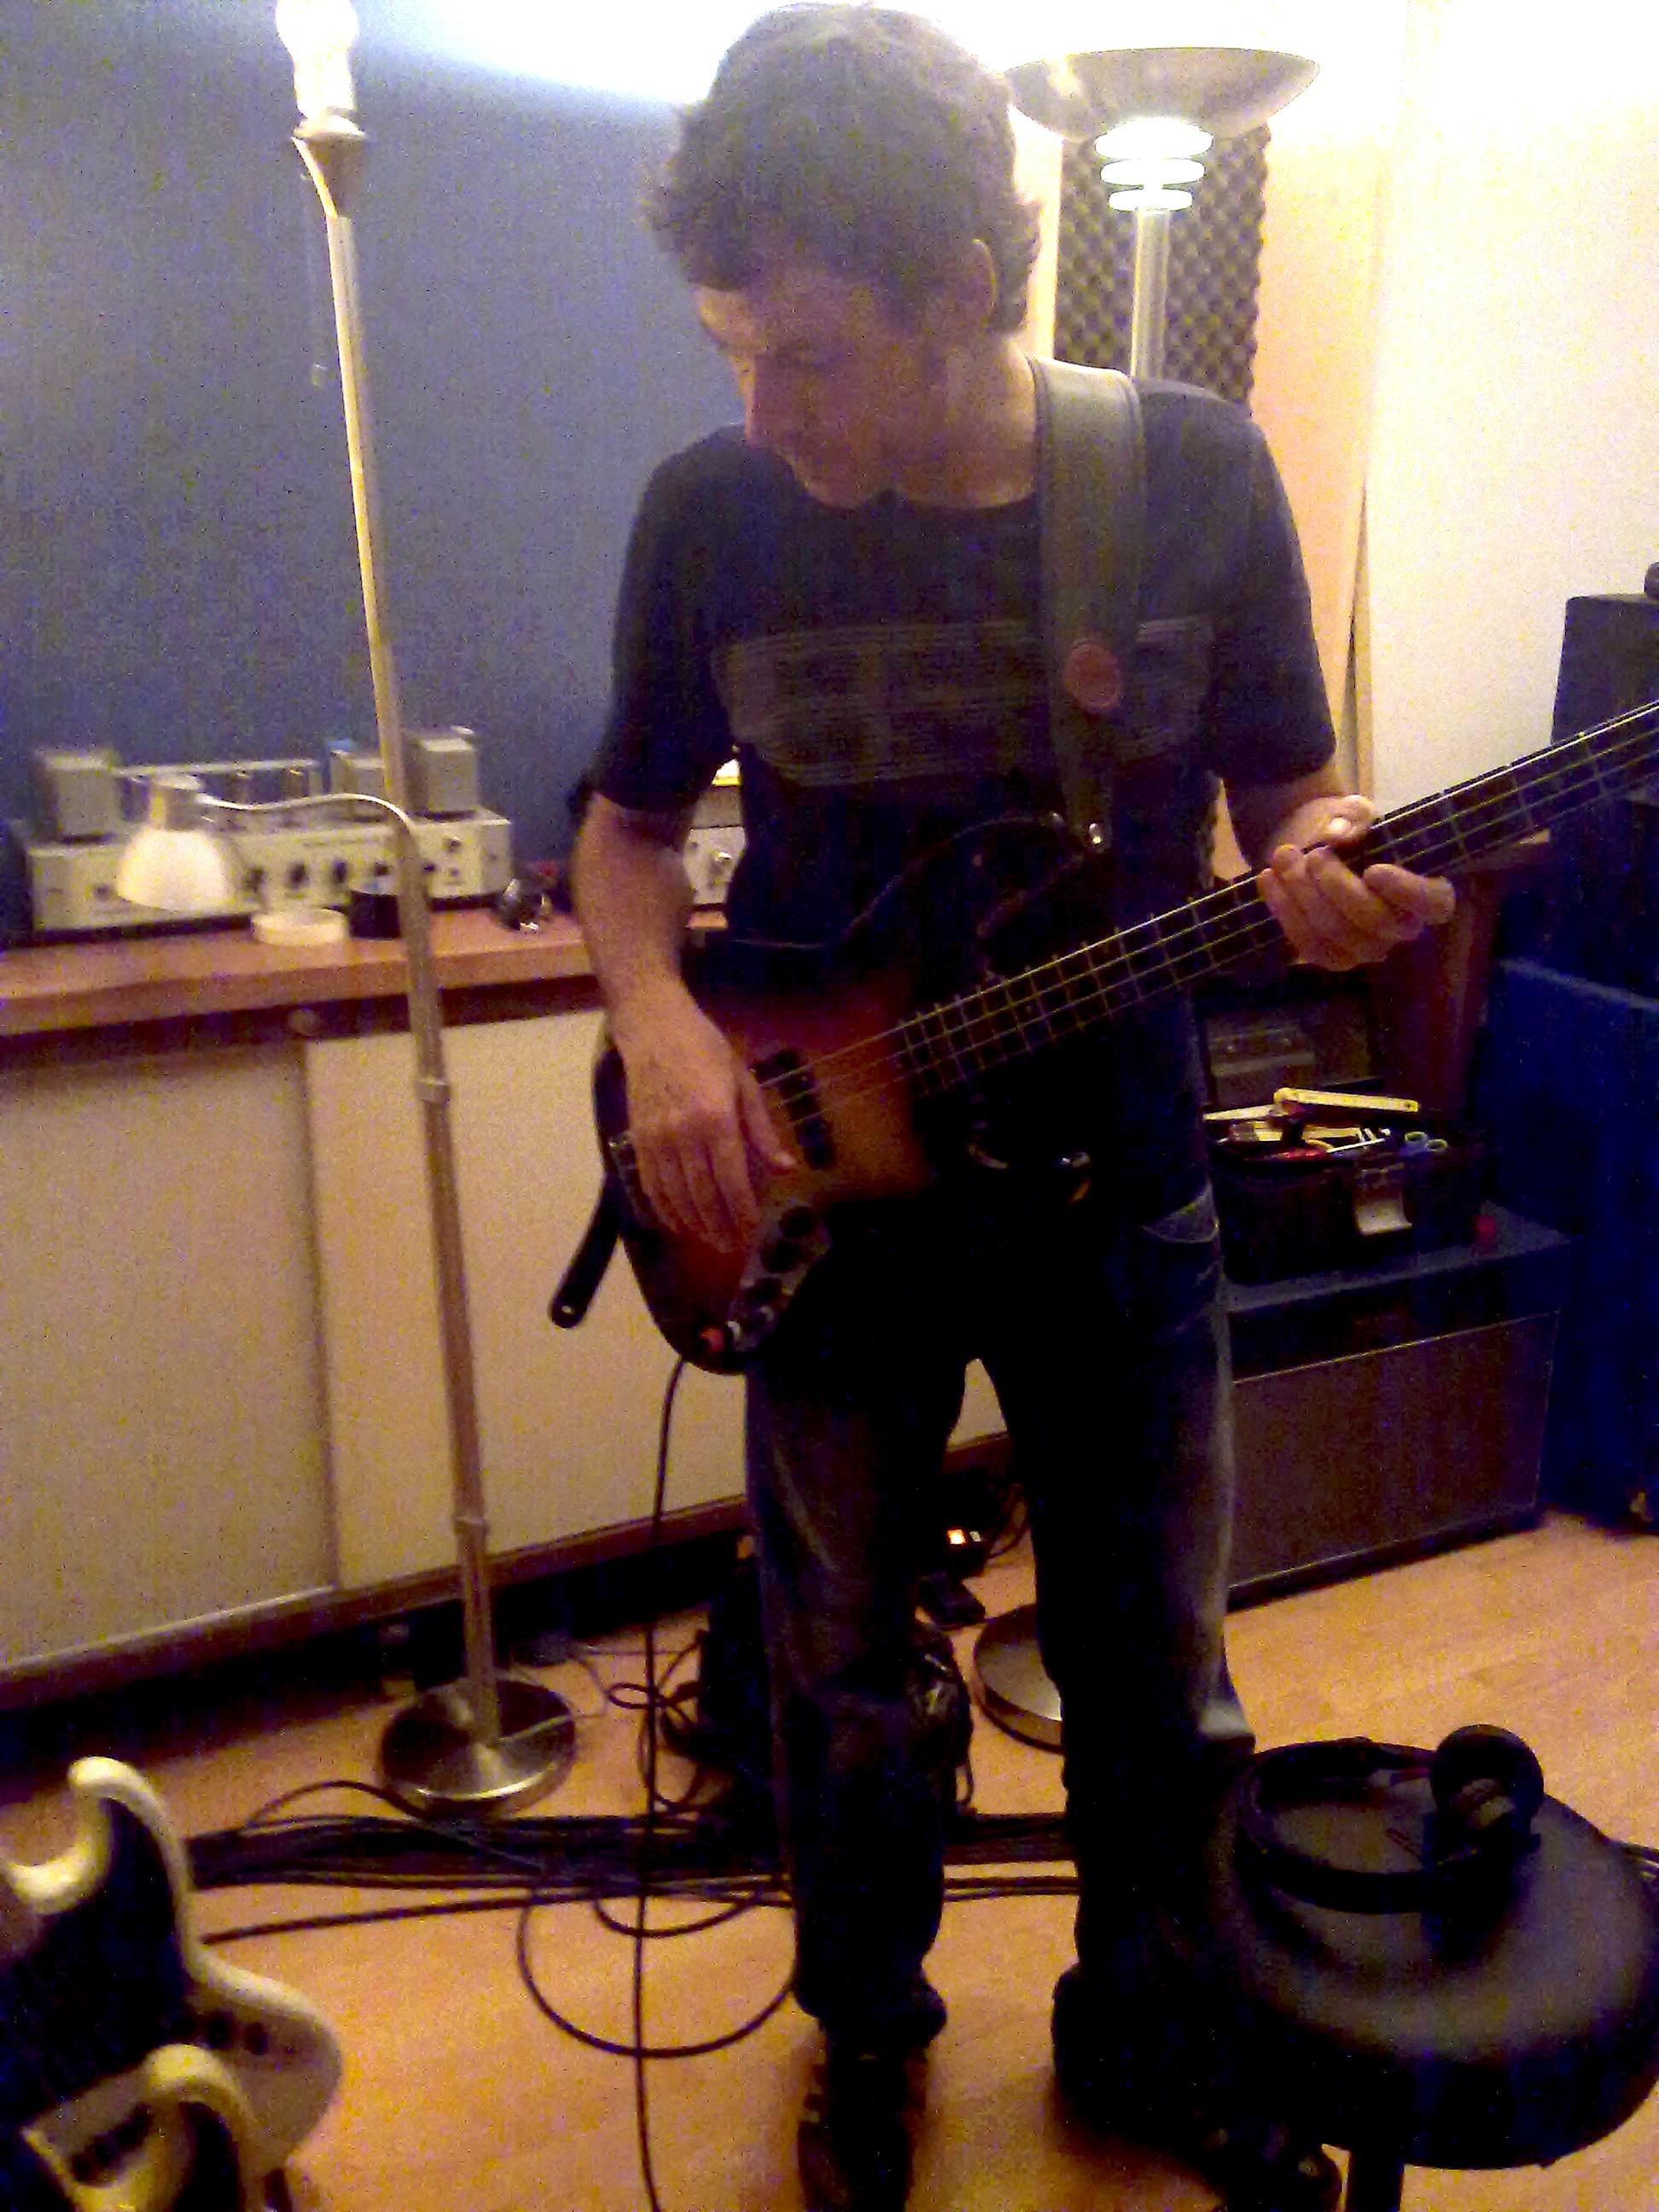 kolambo_drumundbass_3.jpg